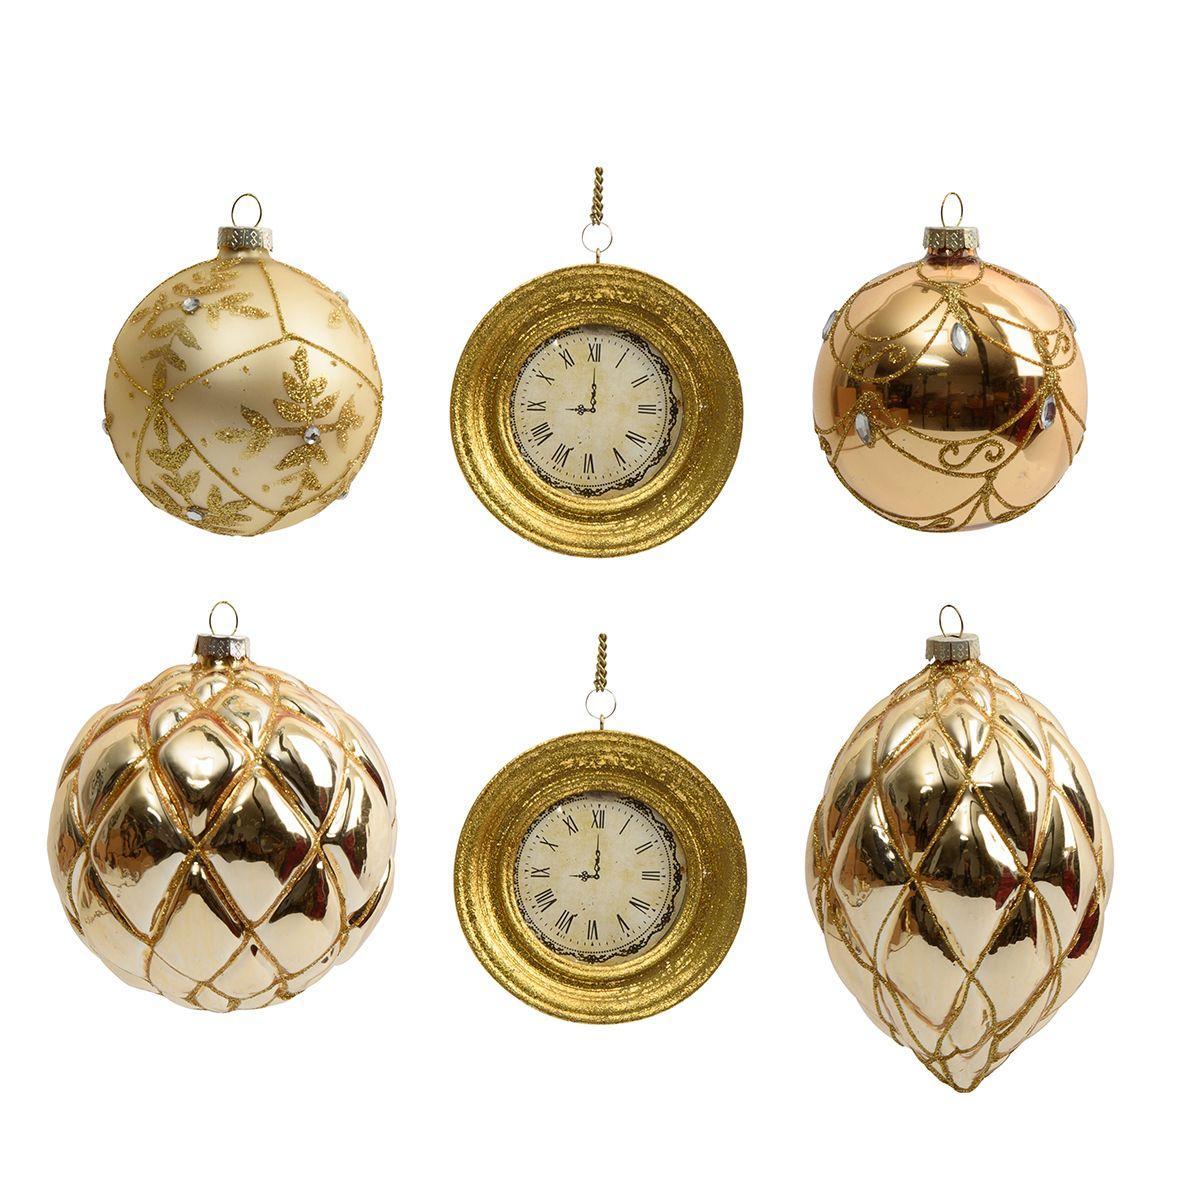 Золотистые ёлочные игрушки в виде часов и шишек, 6 шт.